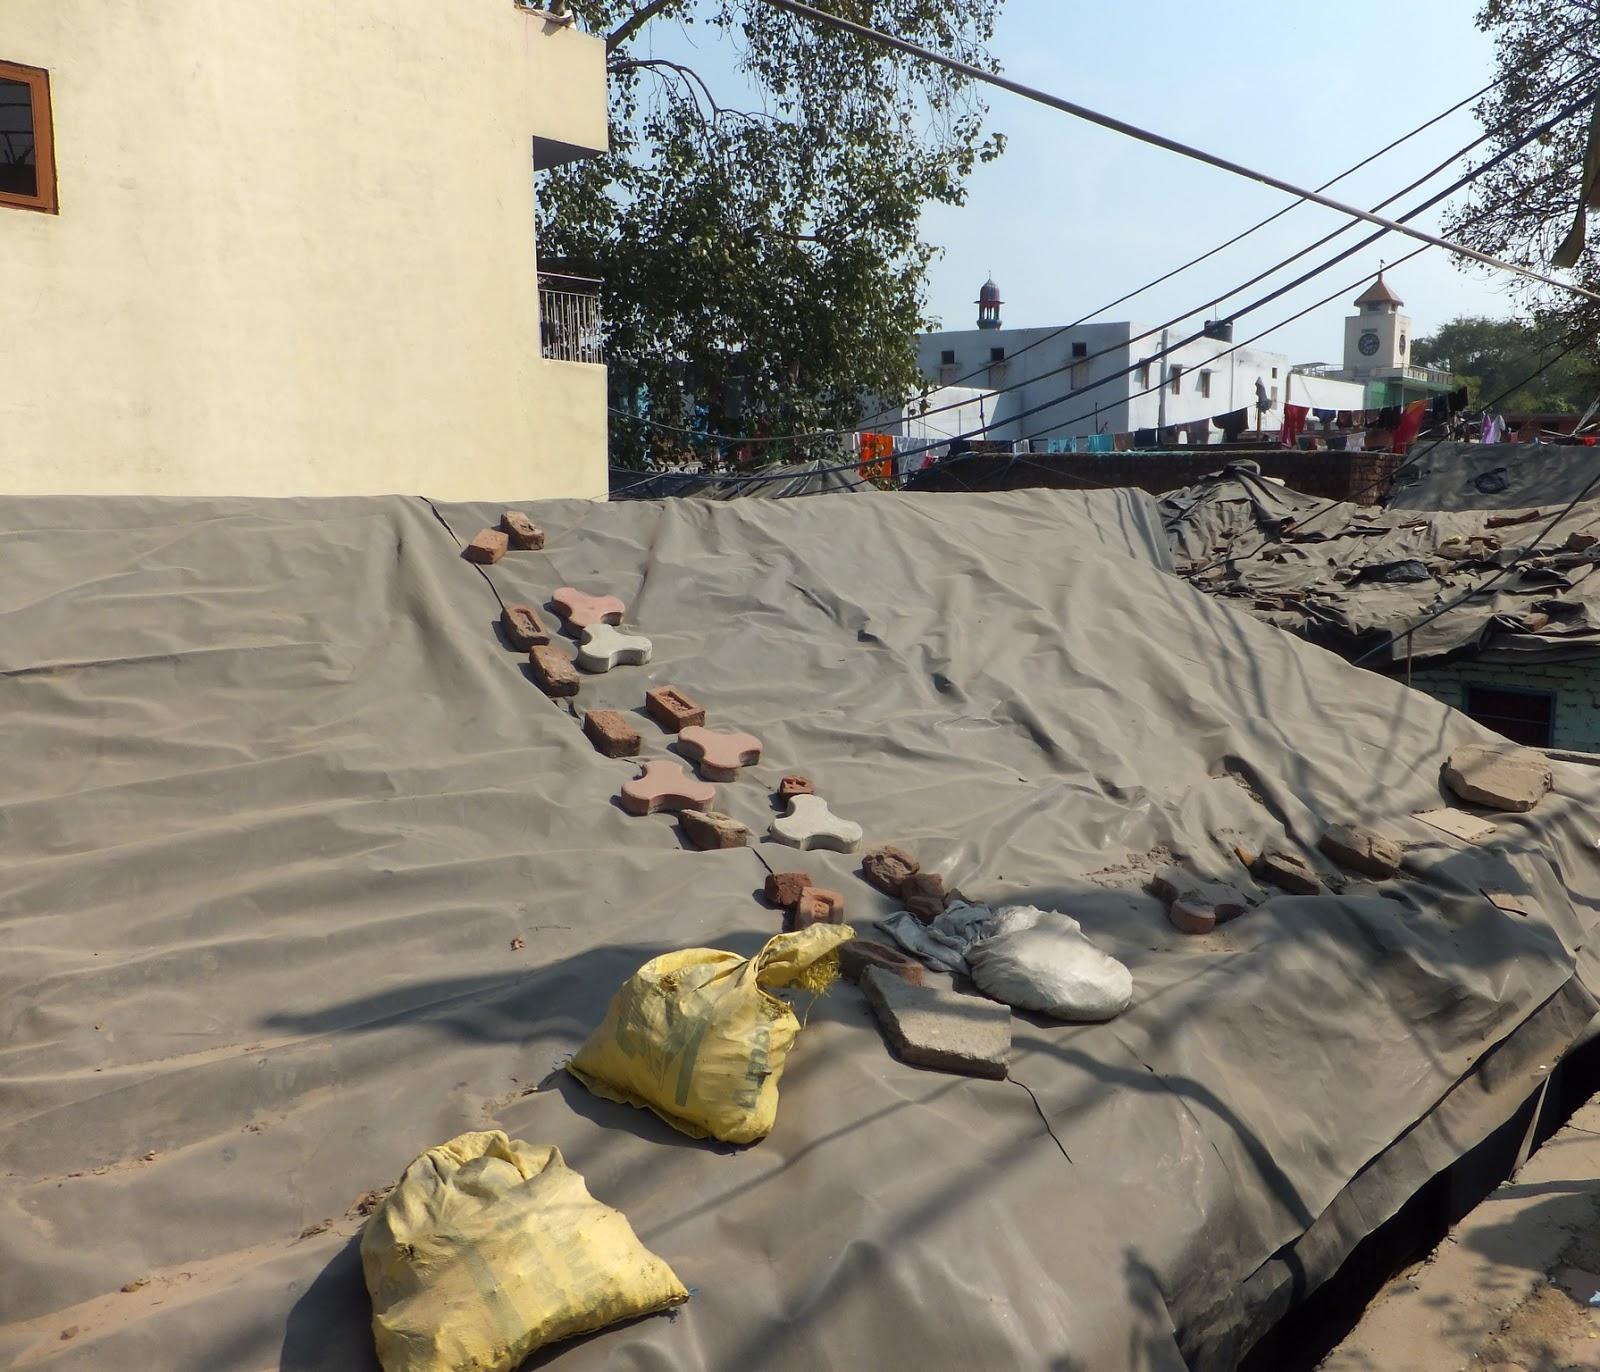 крыша покрытая брезентом и заваленная тротуарной плиткой и мешками с песком